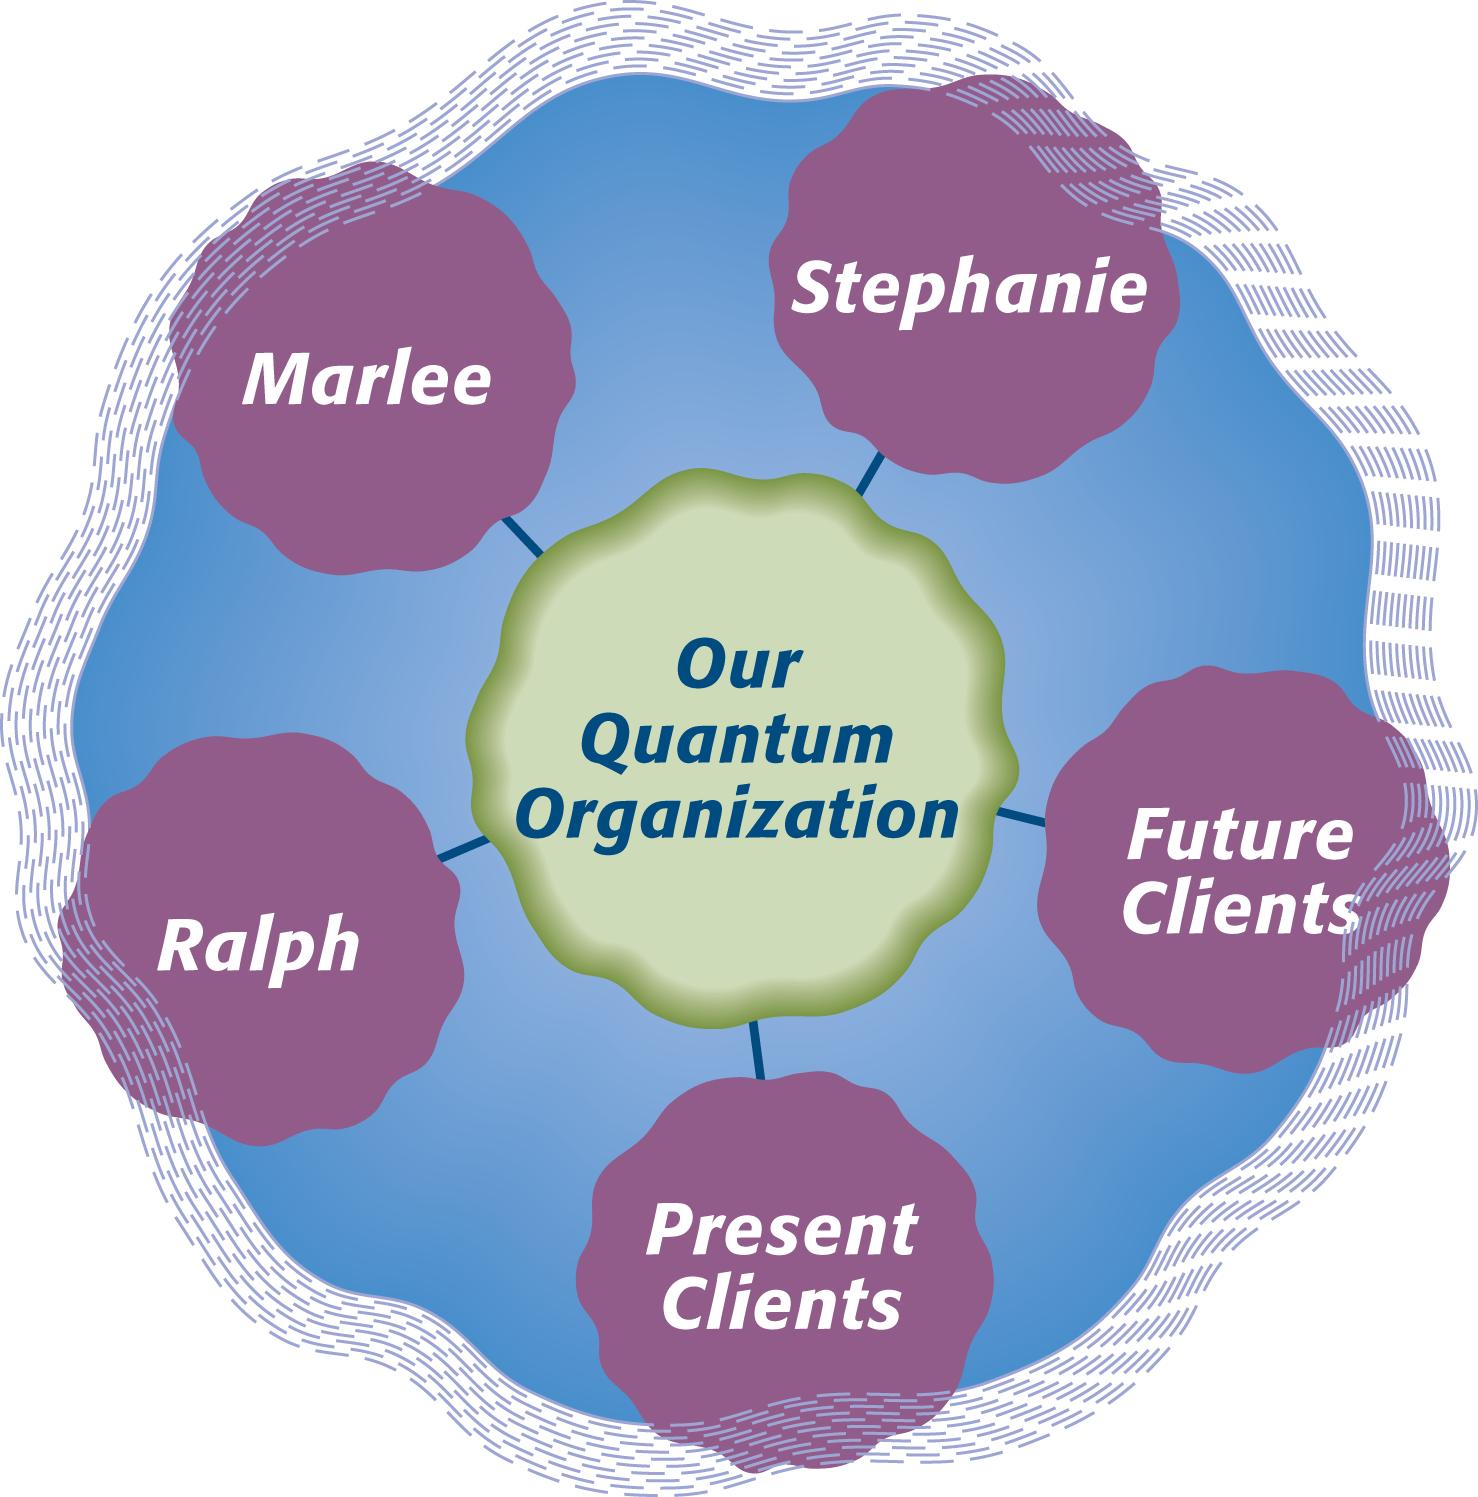 Our Quantum Organization